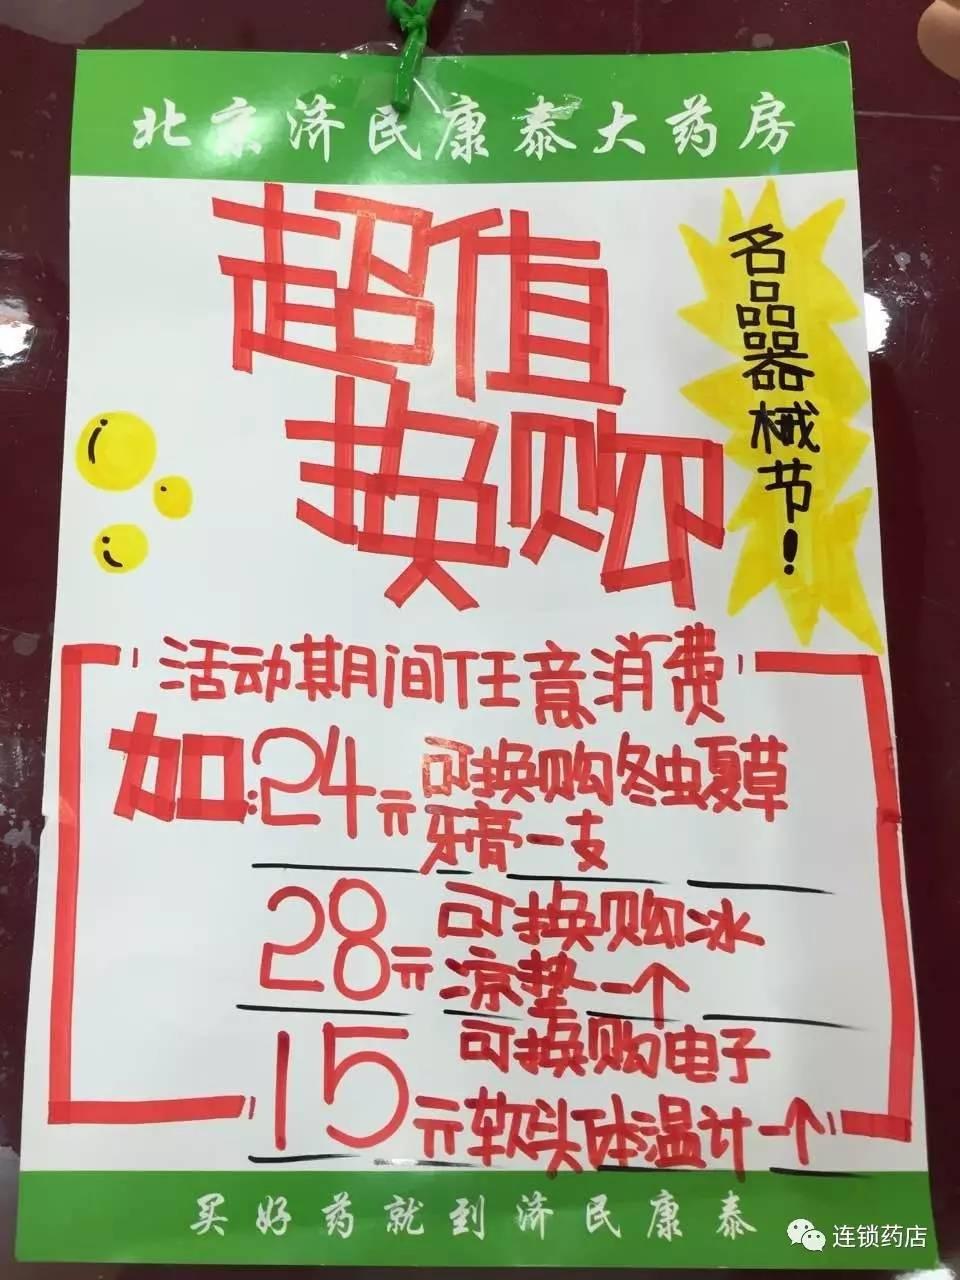 药店pop手绘海报节日